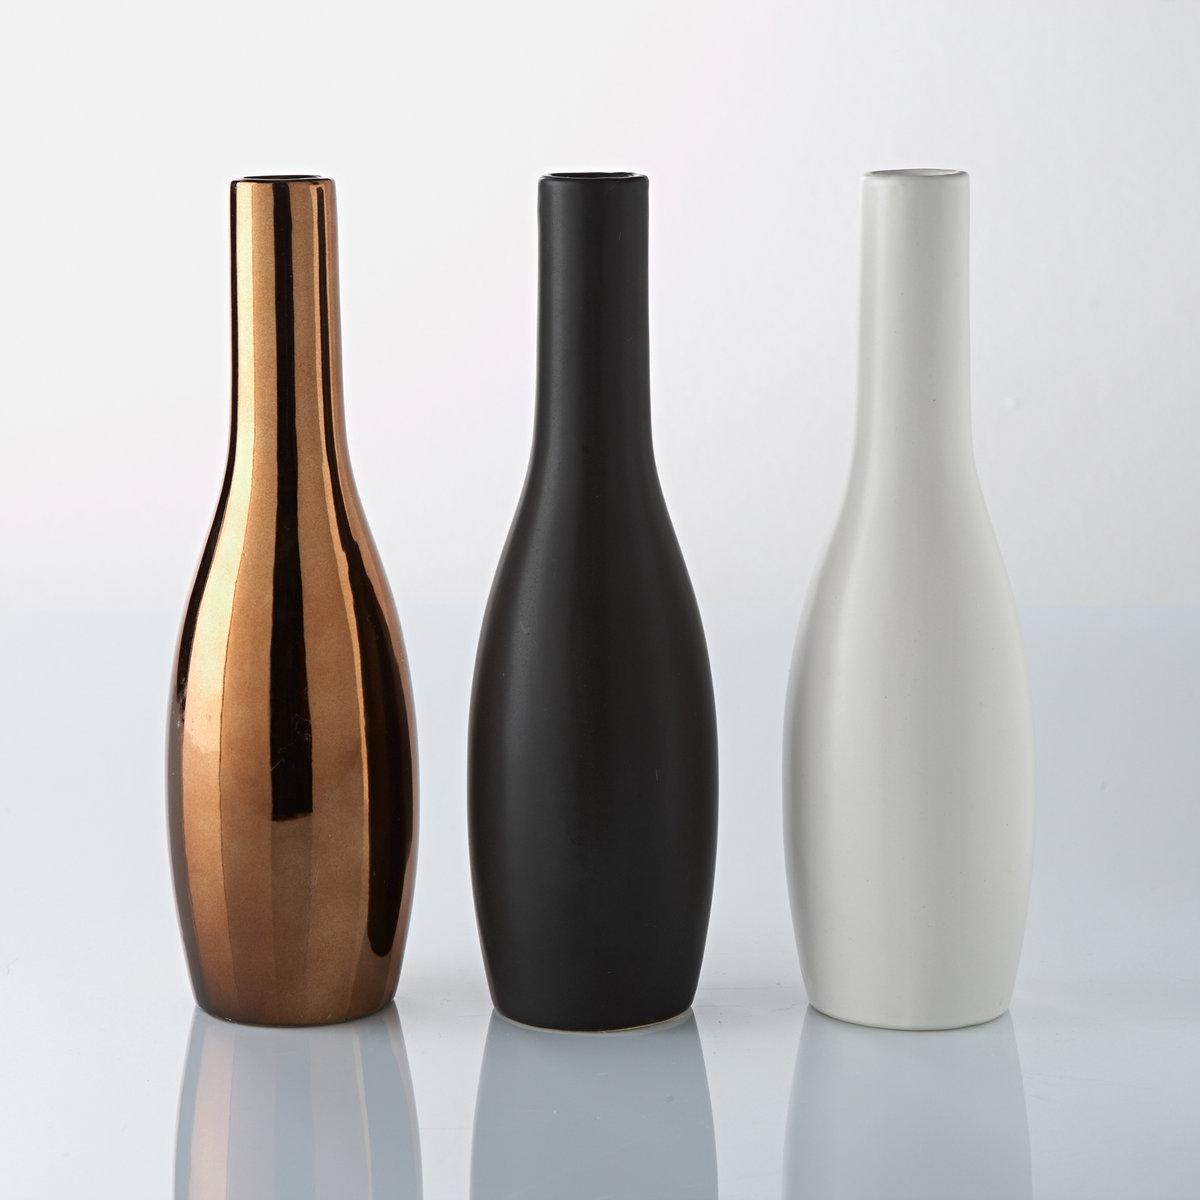 Комплект из 3 декоративных бутылок, Terna3 декоративные бутылки для украшения Вашего дома !   Характеристики 3 декоративных бутылок :выполнены из крашеной керамикиРазмеры 3 декоративных бутылок : 8 x 8 x 26 см<br><br>Цвет: разноцветный<br>Размер: единый размер